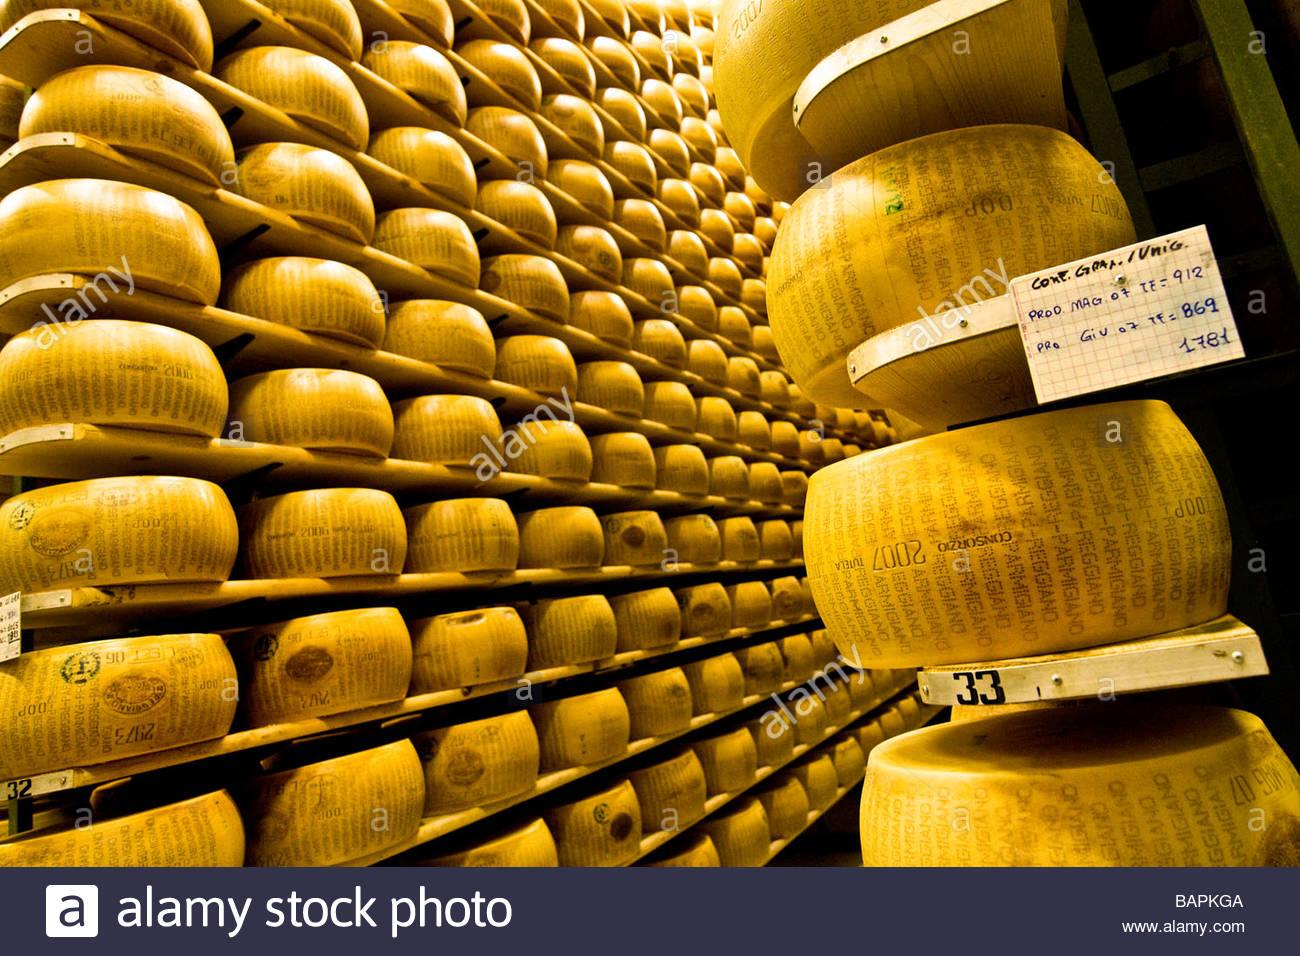 Le parmigiano reggiano cooperativa casearia castelnovese Castelnuovo Rangone émilie-romagne en italie Banque D'Images